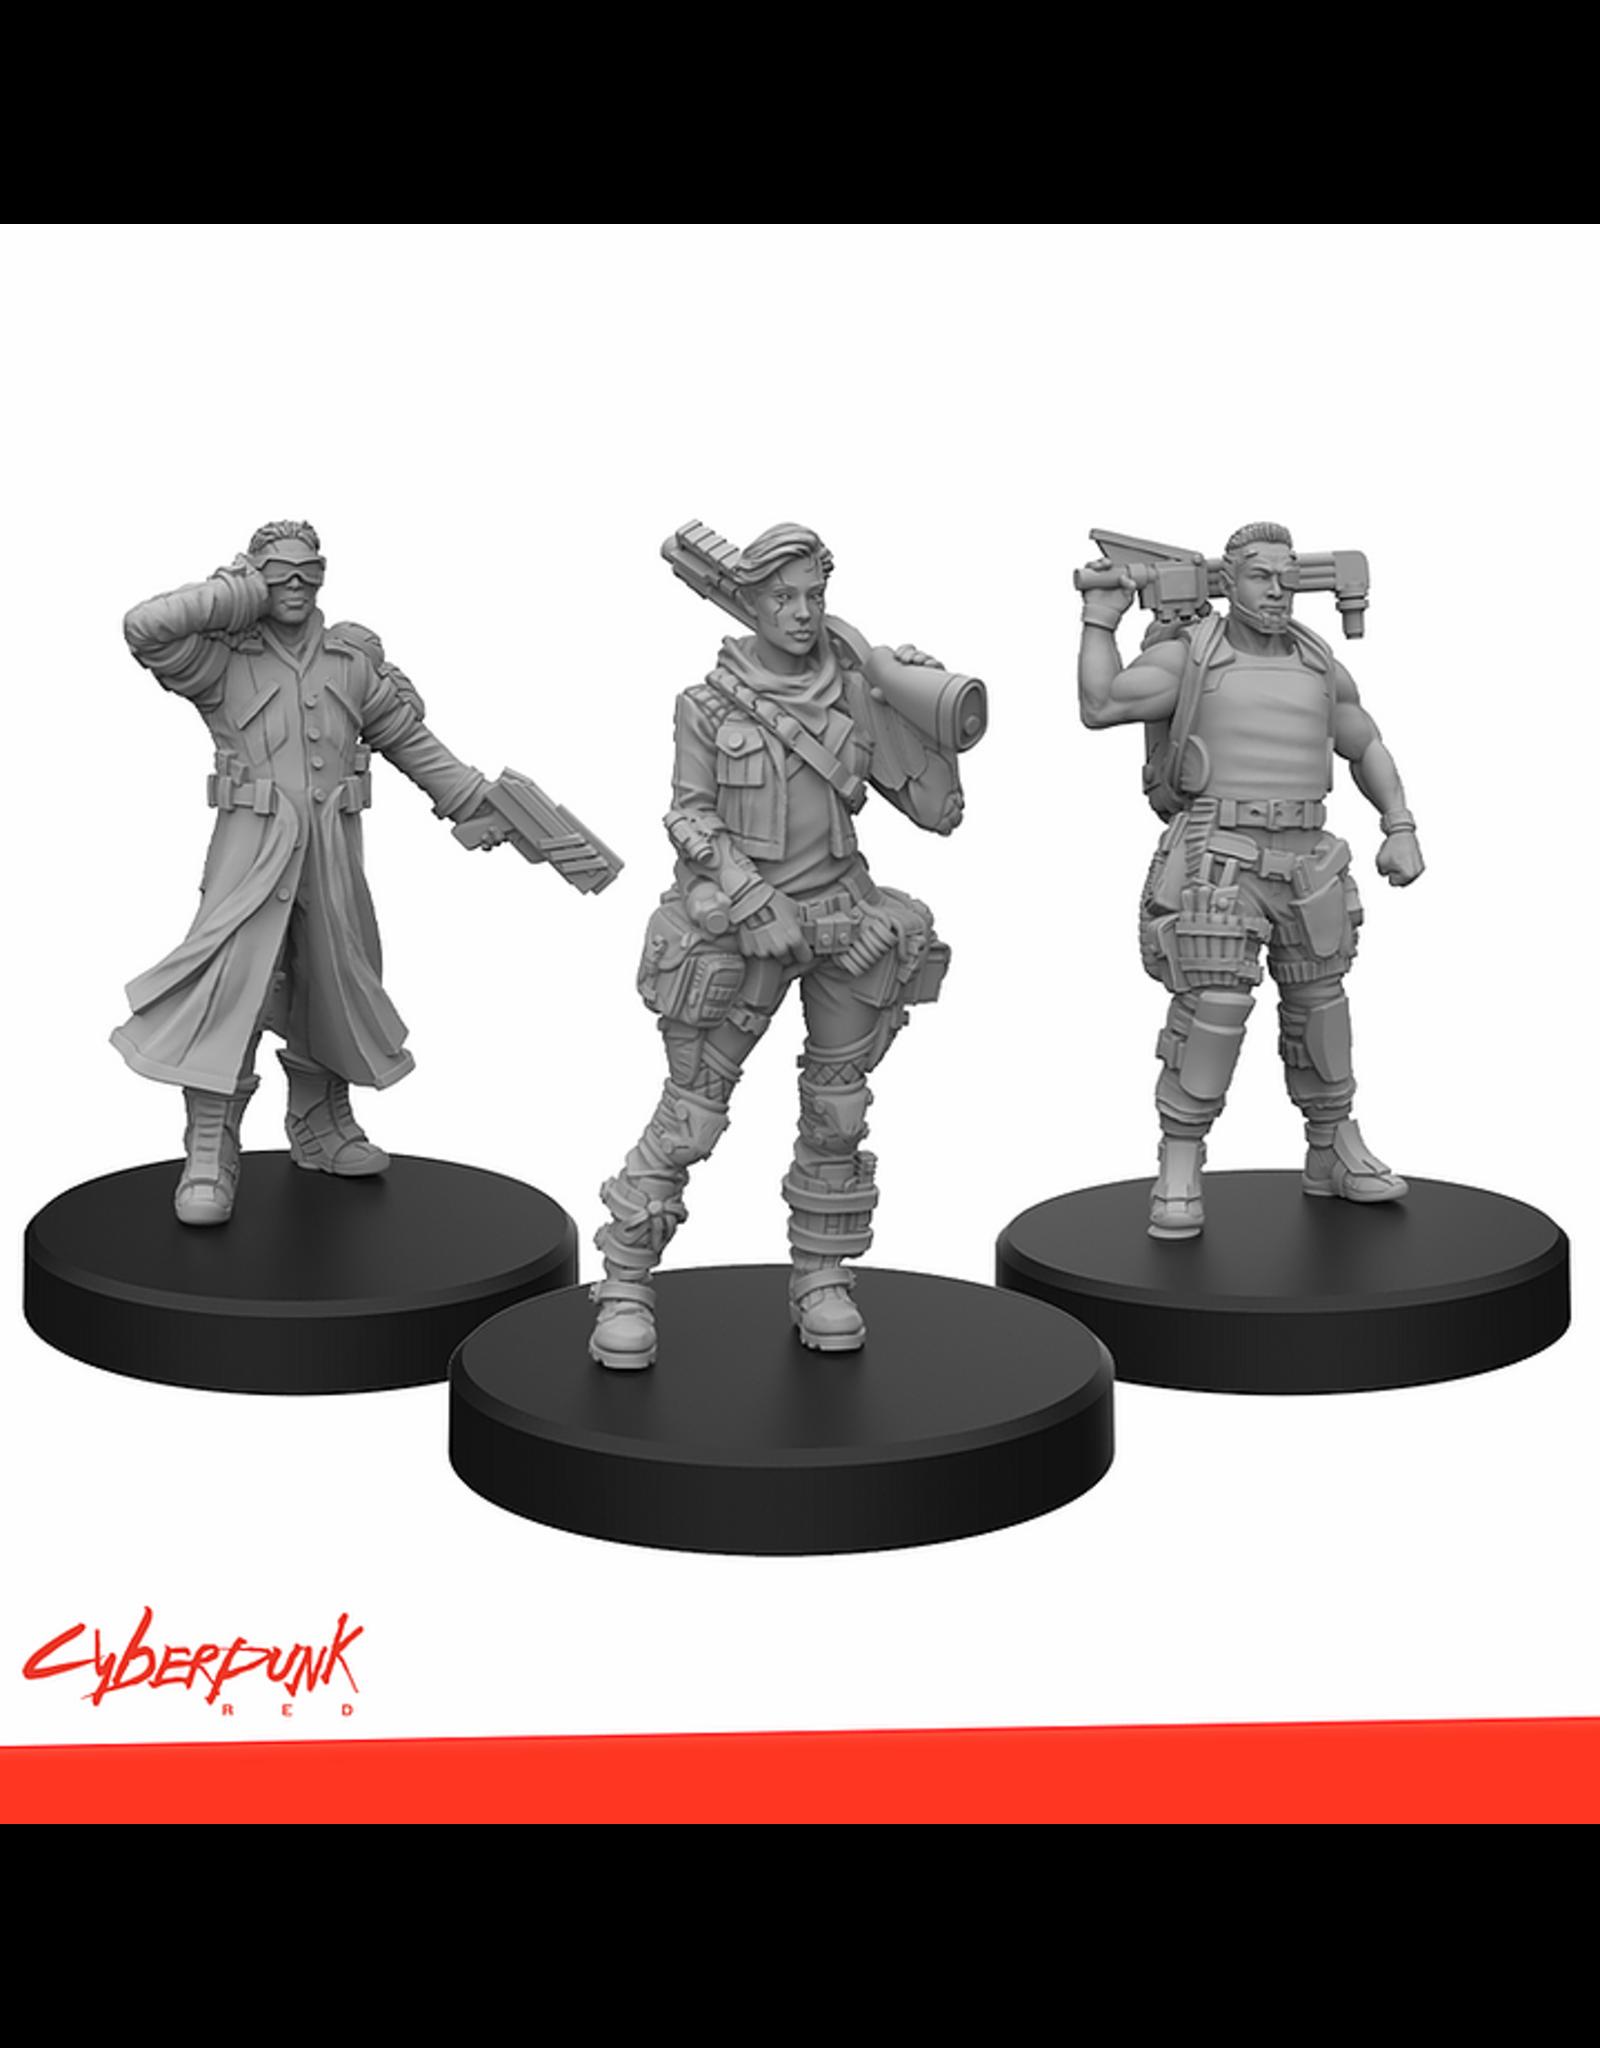 Monster Fight  Club Cyberpunk Red Miniatures: Edgerunners